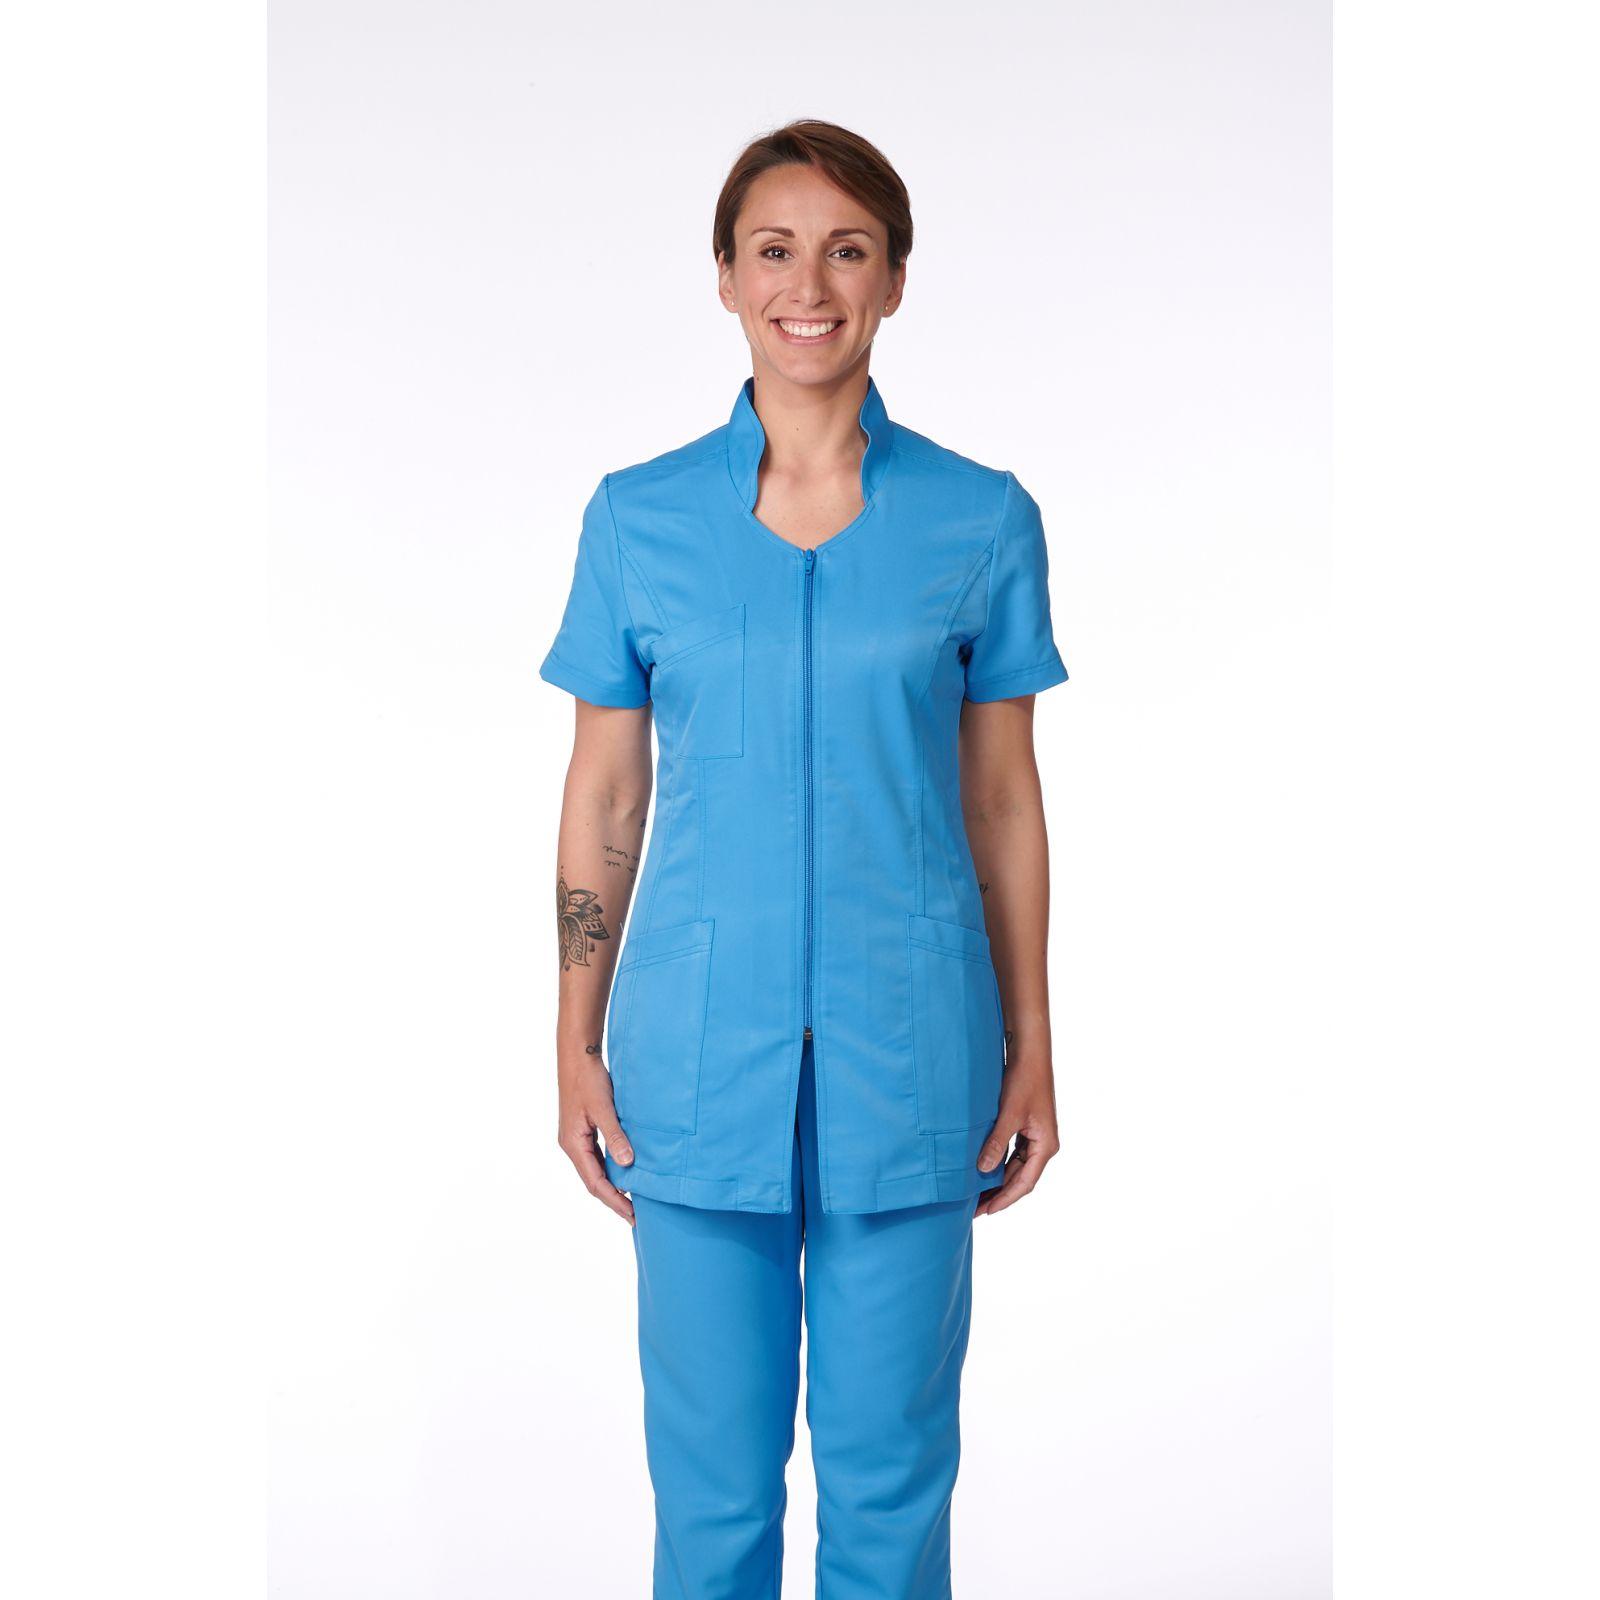 Blouse Médicale Femme, Sweety, couleur Bleu Santorin, vue de face, Camille Lavandie (2617)